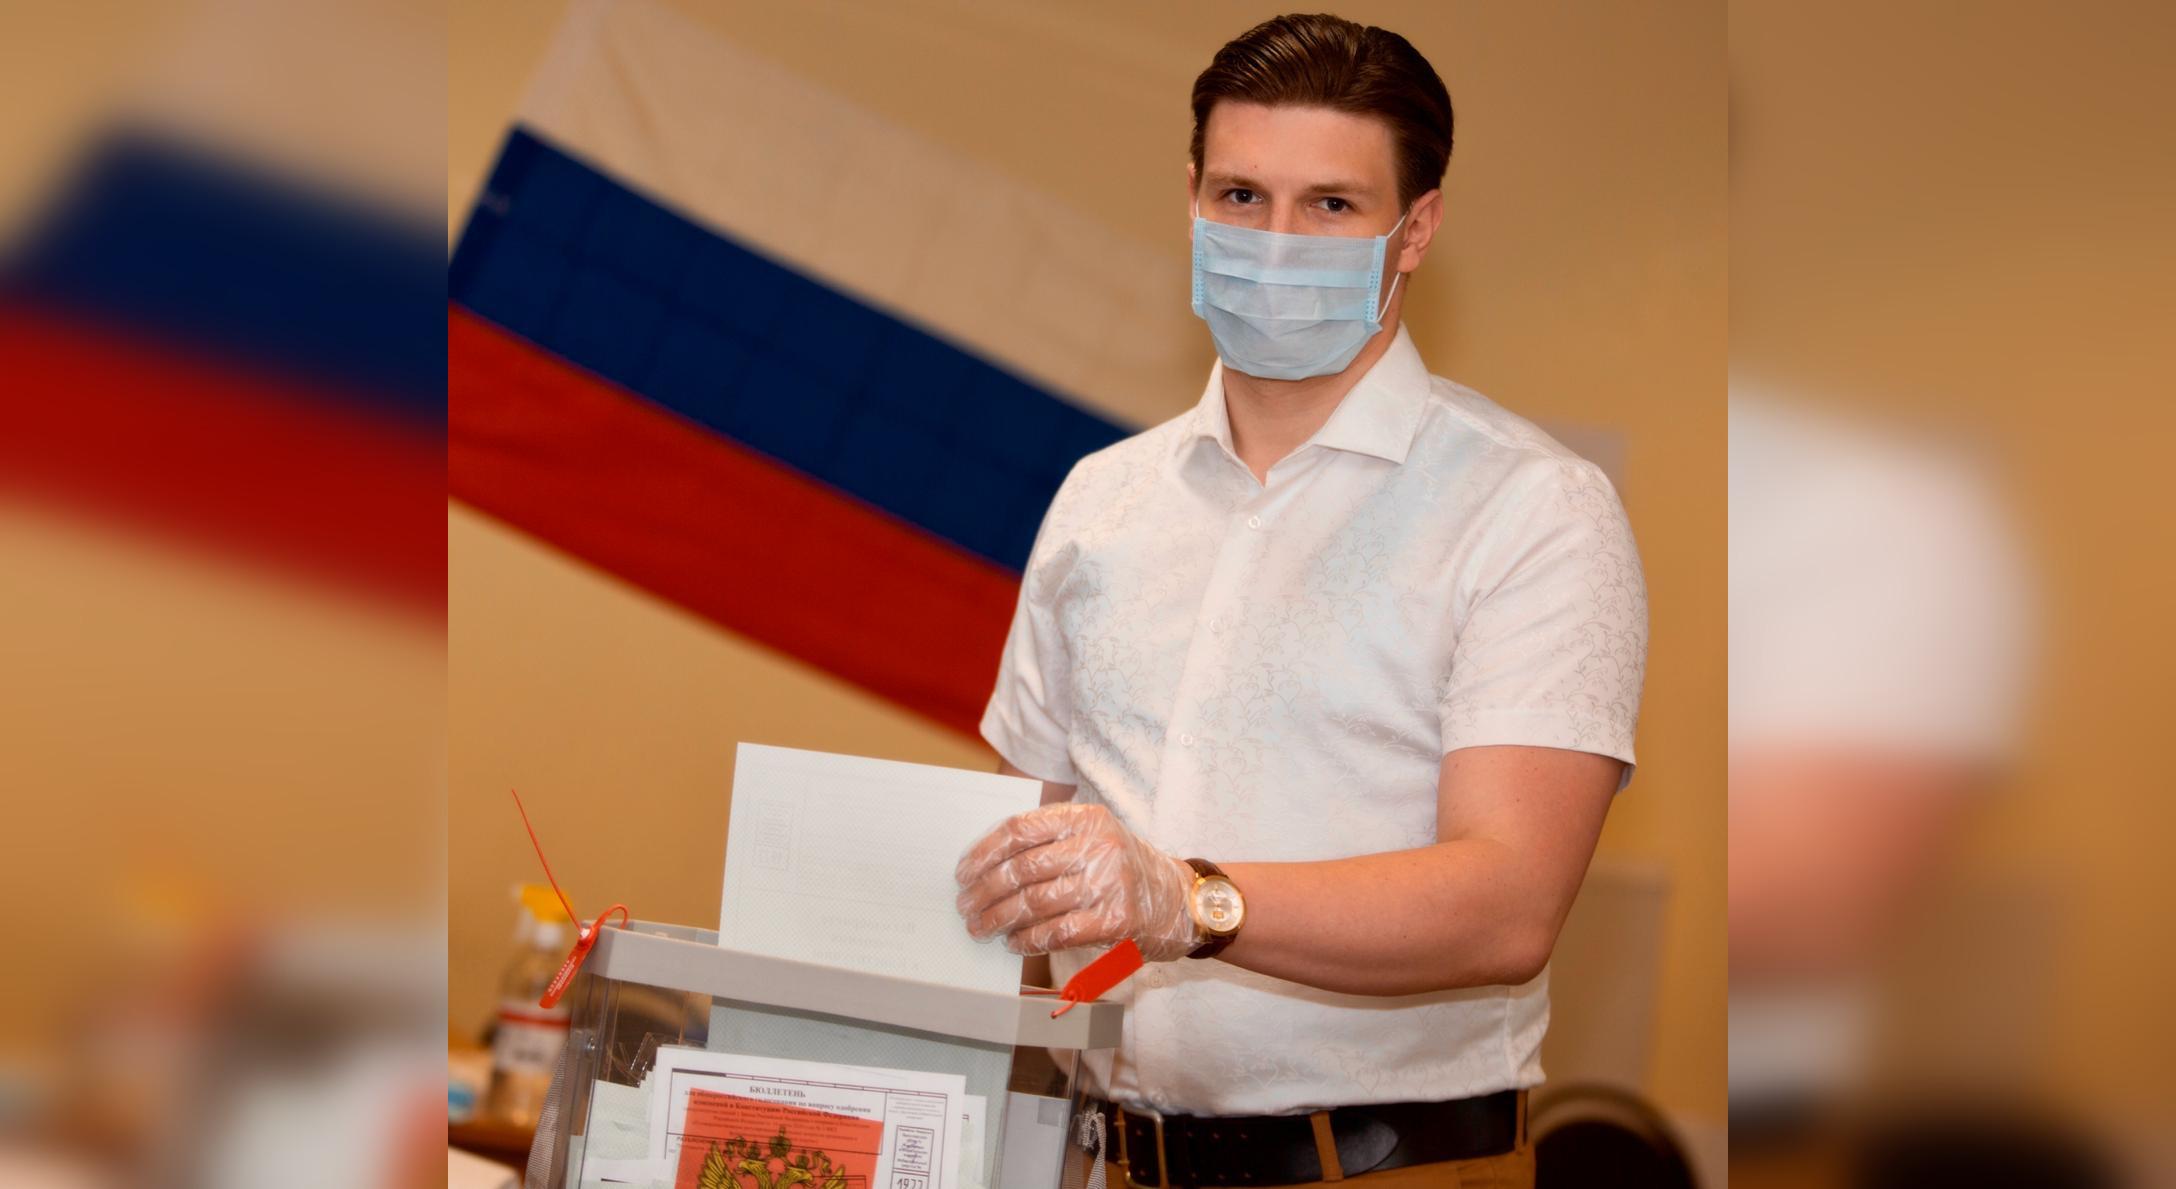 Представитель ассоциации НОМ: порядок многодневного голосования утвержден с учетом рекомендаций экспертов